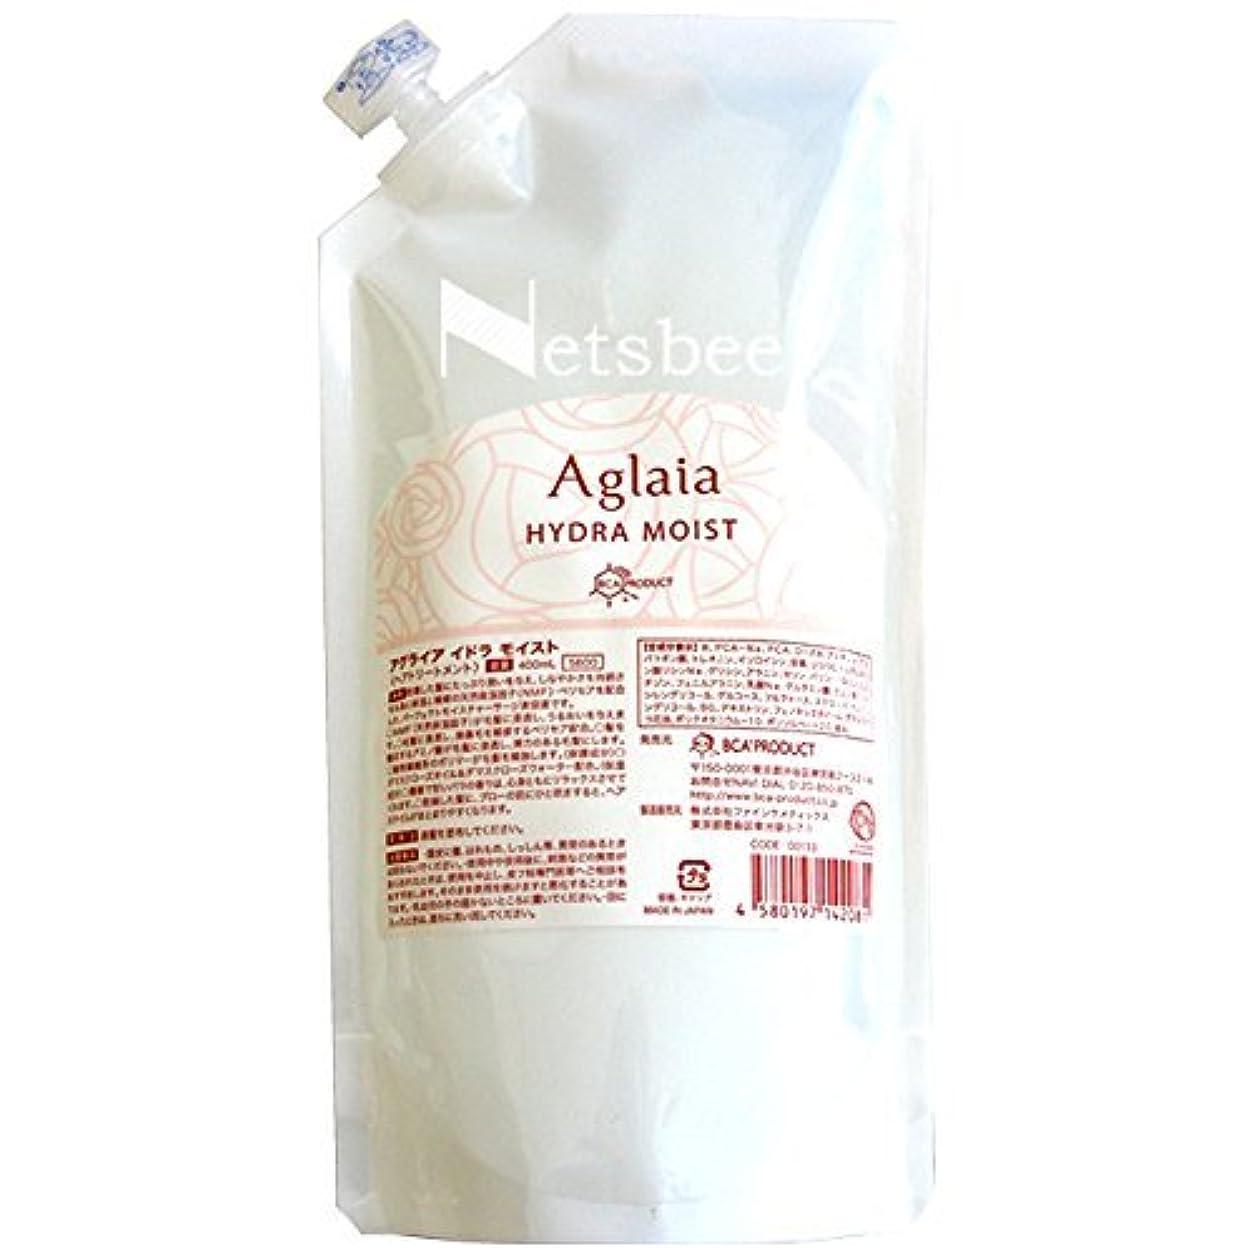 アプトファイアル検出可能アグライア イドラモイスト(Aglaia HYDRA MOIST) 400ml